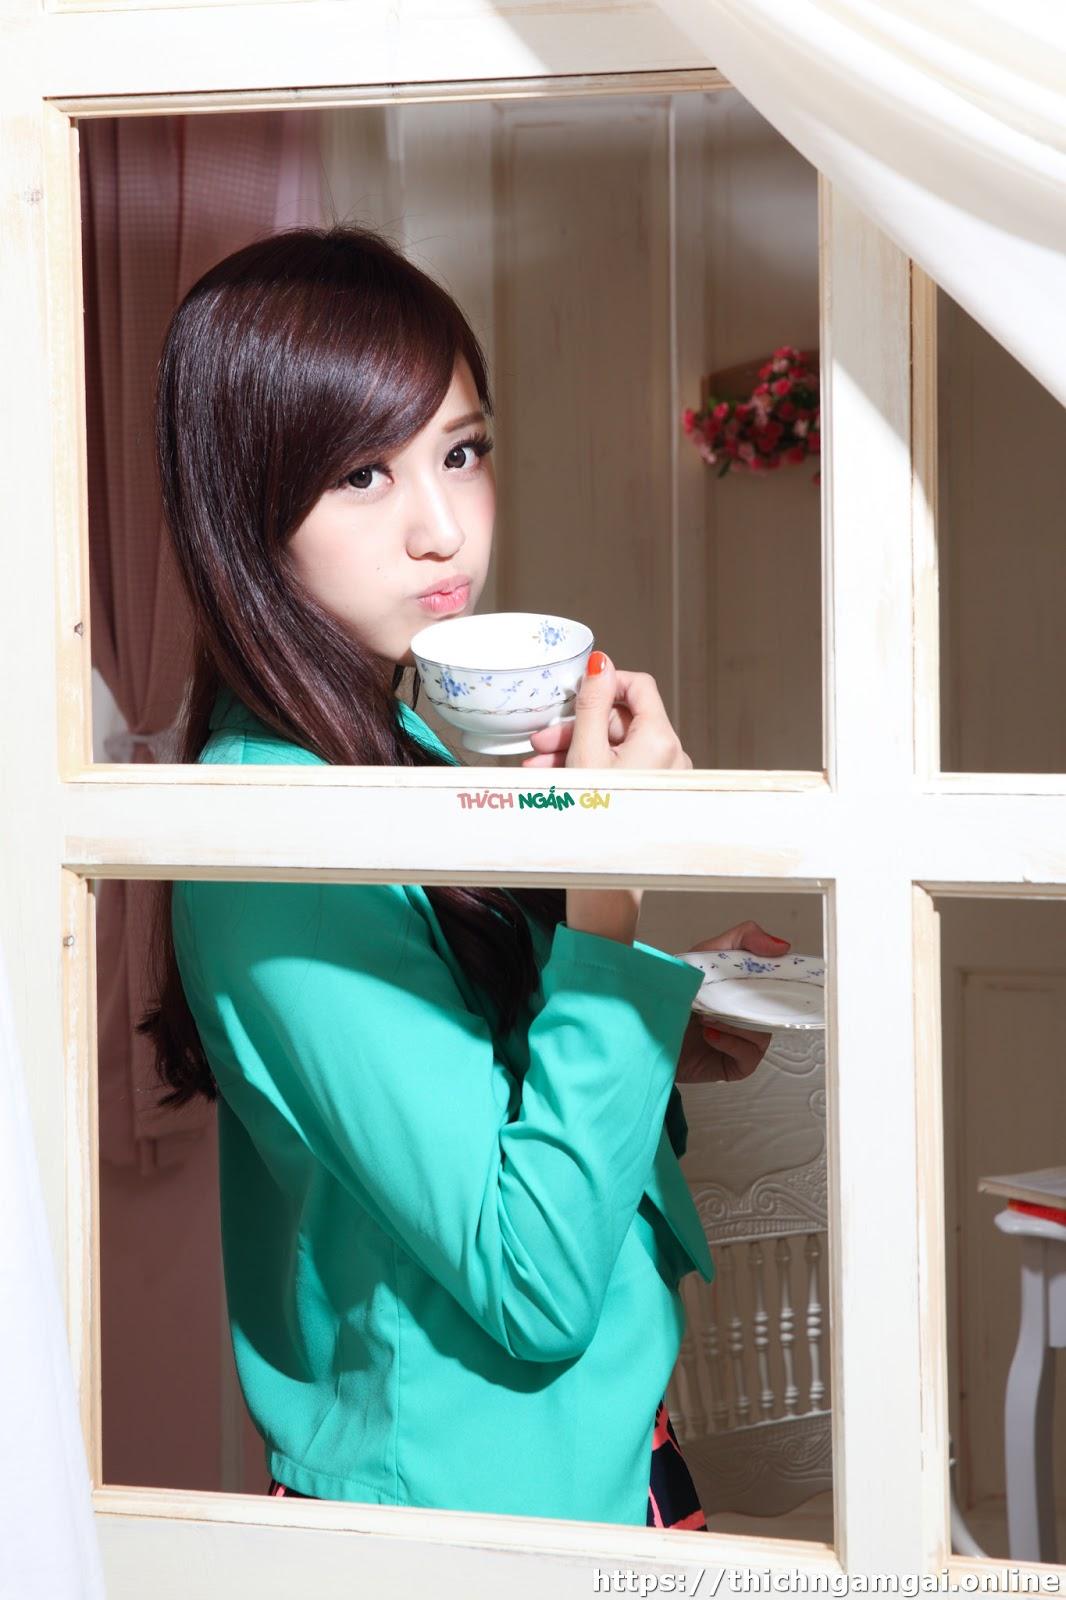 Thích Ngắm Gái 584.%2BIMG_6277%2B%2528Large%2B2048%2529 Tuyển Tập Girls Xinh Việt Nam (Phần 76)